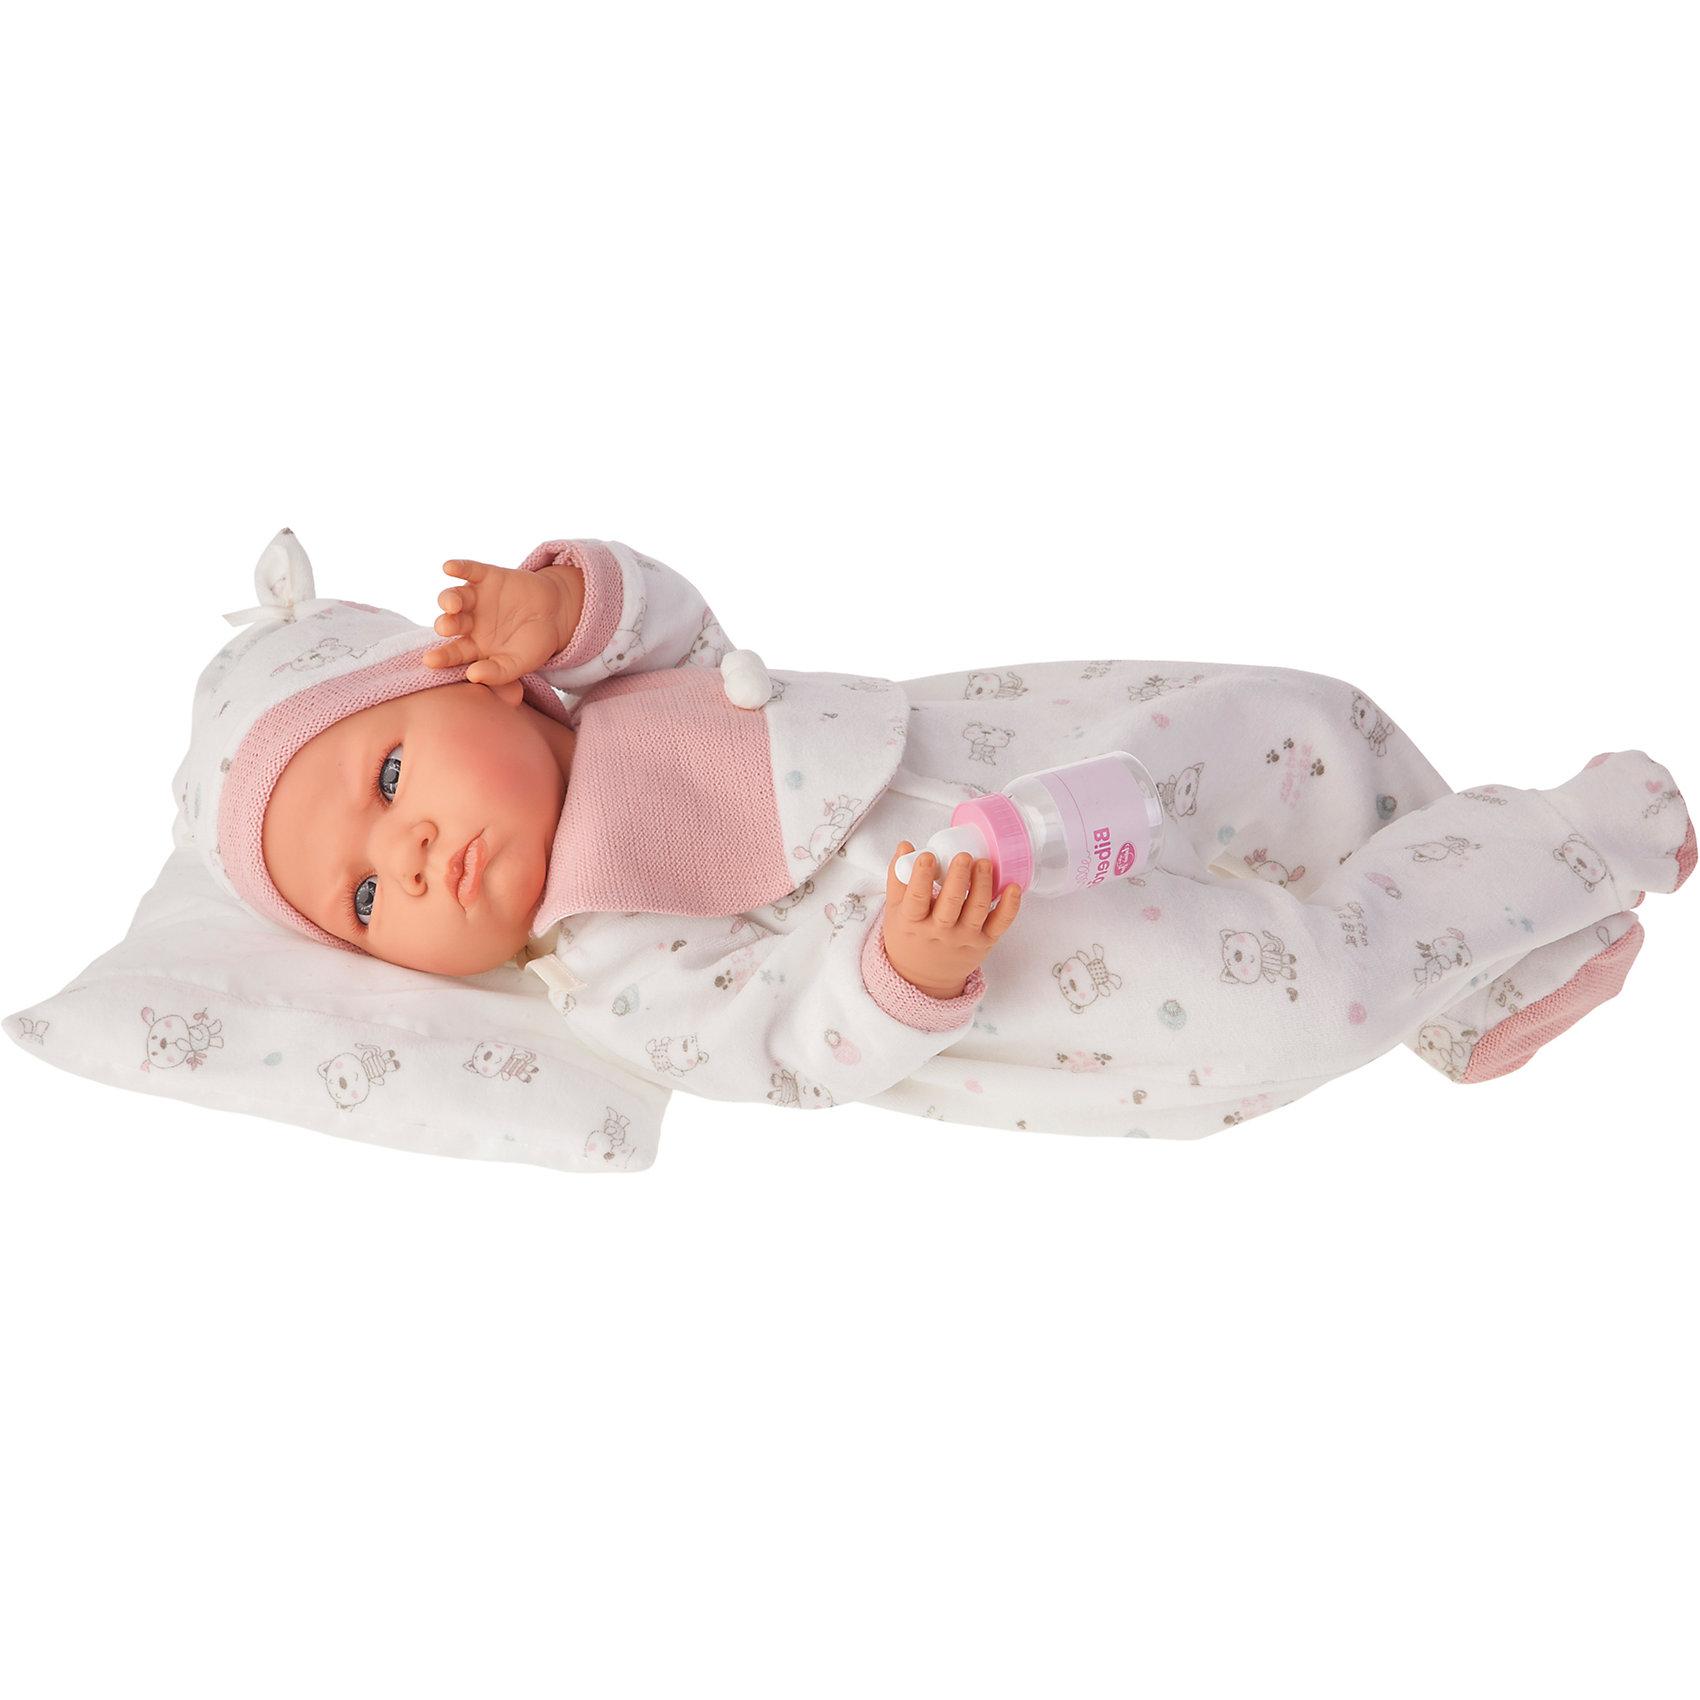 Кукла Бертина в розовом, озвученная, 52 см, Munecas Antonio JuanКлассические куклы<br>Кукла Бертина в розовом, озвученная, 52 см, Munecas Antonio Juan (Мунекас Антонио Хуан).<br><br>Характеристики:<br><br>- Комплектация: кукла в одежде, бутылочка, подушка<br>- Материал: винил, текстиль<br>- Высота куклы: 52 см.<br>- Глаза не закрываются<br>- Интерактивные функции куклы: нажмите на животик 1 раз и кукла начнет по детски лепетать<br>- Батарейки: 3 x AG13 / LR44 (входят в комплект)<br>- Упаковка: яркая подарочная коробка<br><br>Малышка Бертина невероятно похожа на настоящего младенца, совпадает даже рост (52 см). Анатомическая точность, с которой выполнена кукла, поражает! Голубые глазки, маленький носик, нежные щечки, улыбка, милые «перевязочки» на ручках и ножках придают кукле реалистичный вид и вызывают только самые положительные и добрые эмоции. Бертина одета в белый комбинезон с рисунком в виде зверушек и розовой манишкой на груди, на голове - теплая мягкая шапочка с декоративными завязочками. Одежда дополнена розовыми вязанными манжетами. В комплекте также предусмотрена бутылочка и мягкая подушечка, на которую куклу можно удобно разместить. Кукла оснащена звуковым модулем, если нажать на животик, Бертина начнет реалистично агукать, как новорождённый ребенок. Тельце у куклы мягко-набивное, голова, ручки и ножки сделаны из высококачественного винила. Голова, ручки и ножки подвижны. Кукла изготовлена из высококачественных и экологически чистых материалов, поэтому безопасна для детей любого возраста, соответствует всем нормам и требованиям к качеству детских товаров. Образы малышей Мунекас разработаны известными европейскими дизайнерами. Они натуралистичны, анатомически точны.<br><br>Куклу Бертина в розовом, озвученную, 52 см, Munecas Antonio Juan (Мунекас Антонио Хуан) можно купить в нашем интернет-магазине.<br><br>Ширина мм: 59<br>Глубина мм: 29<br>Высота мм: 14<br>Вес г: 1825<br>Возраст от месяцев: 36<br>Возраст до месяцев: 2147483647<br>Пол: Женский<br>Возраст: Д